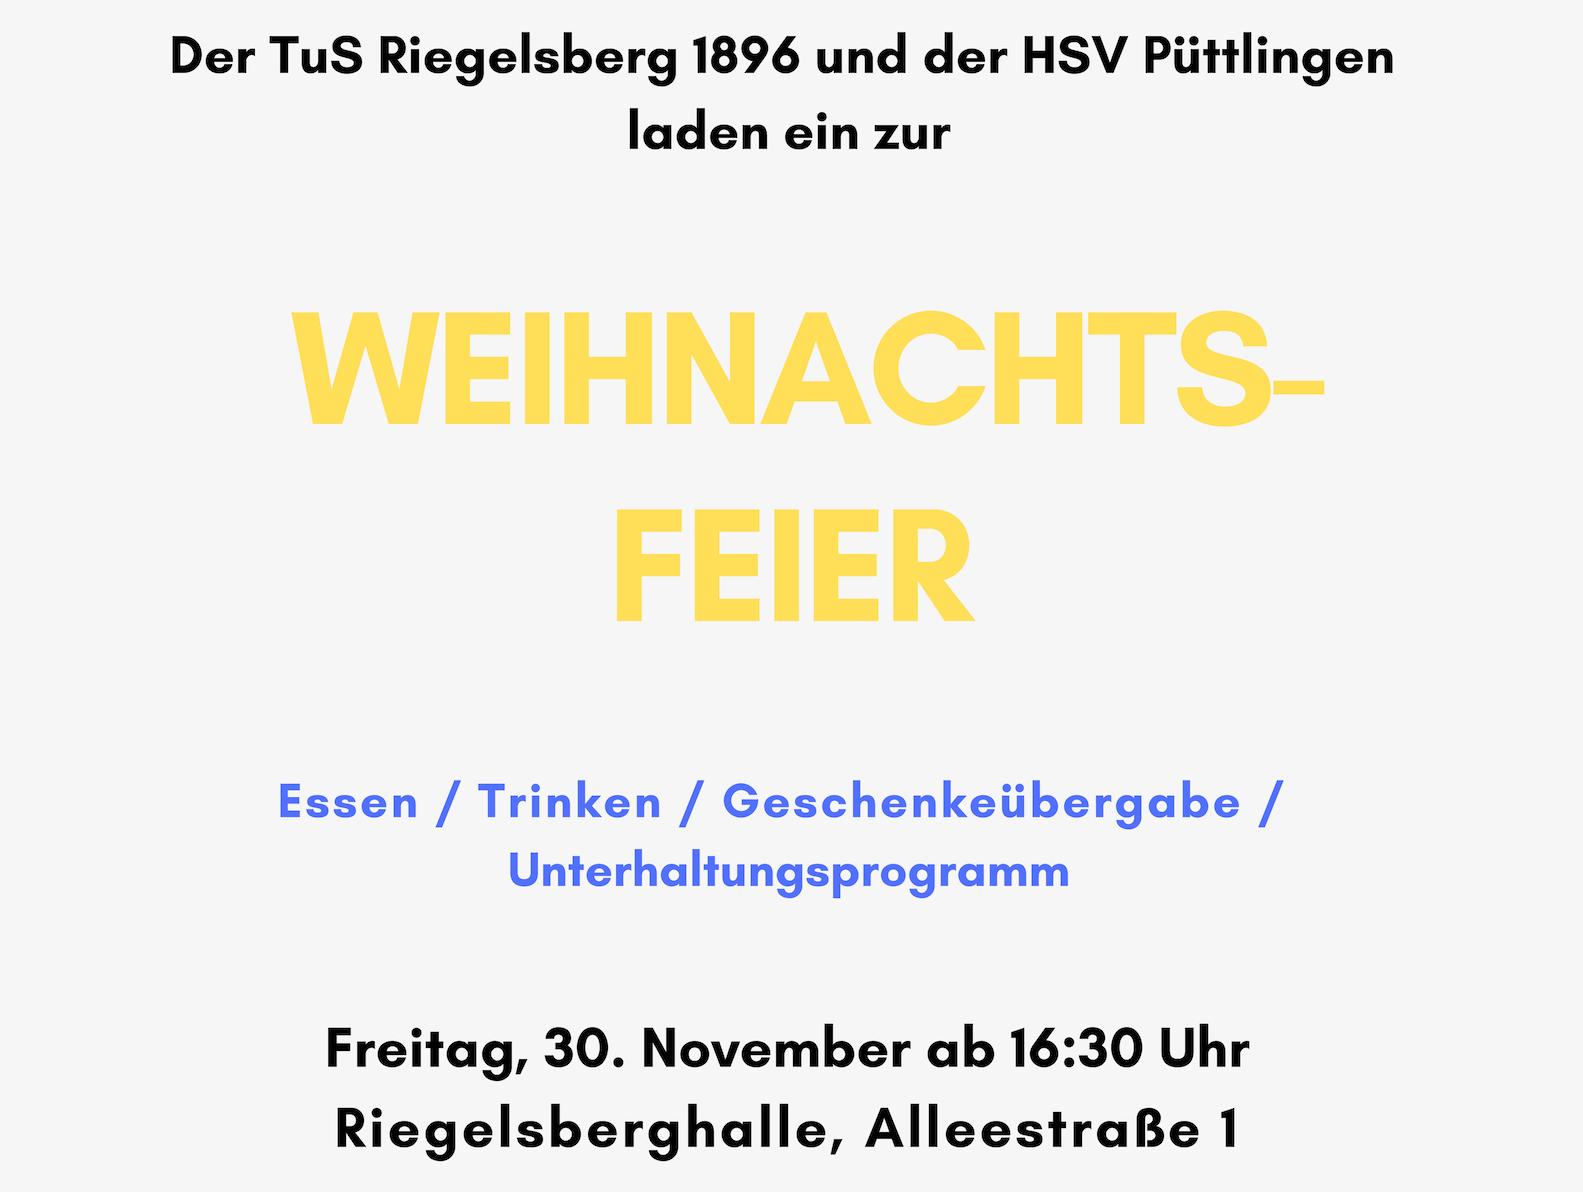 Einladung Weihnachtsfeier Verein.Einladung Zur Gemeinsamen Weihnachtsfeier Des Tus Riegelsberg Und